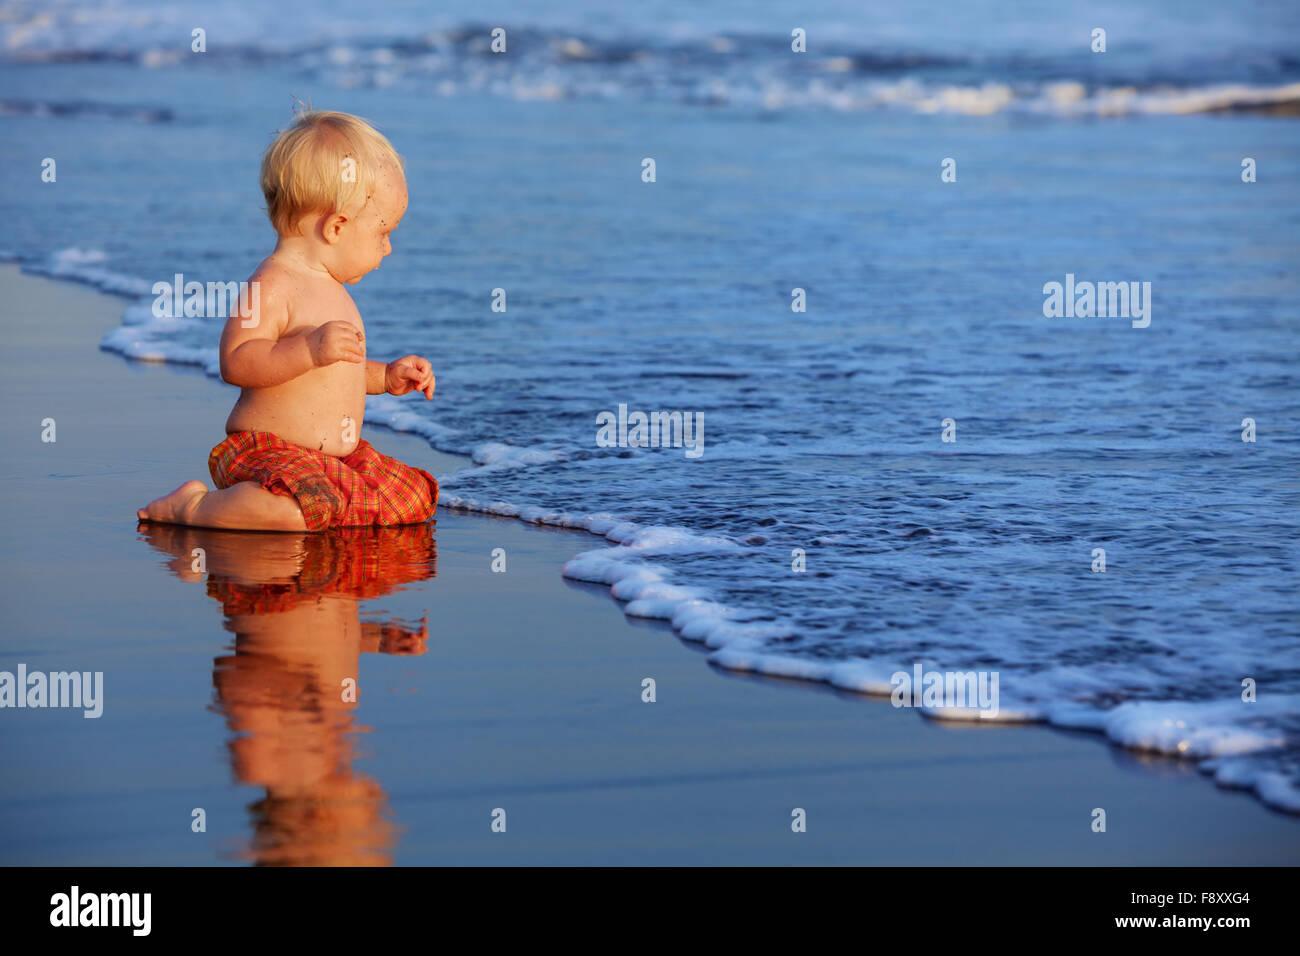 Sur la plage de sunset casino noir assis sur le sable humide et ramper à surf mer pour nager dans les vagues. Photo Stock